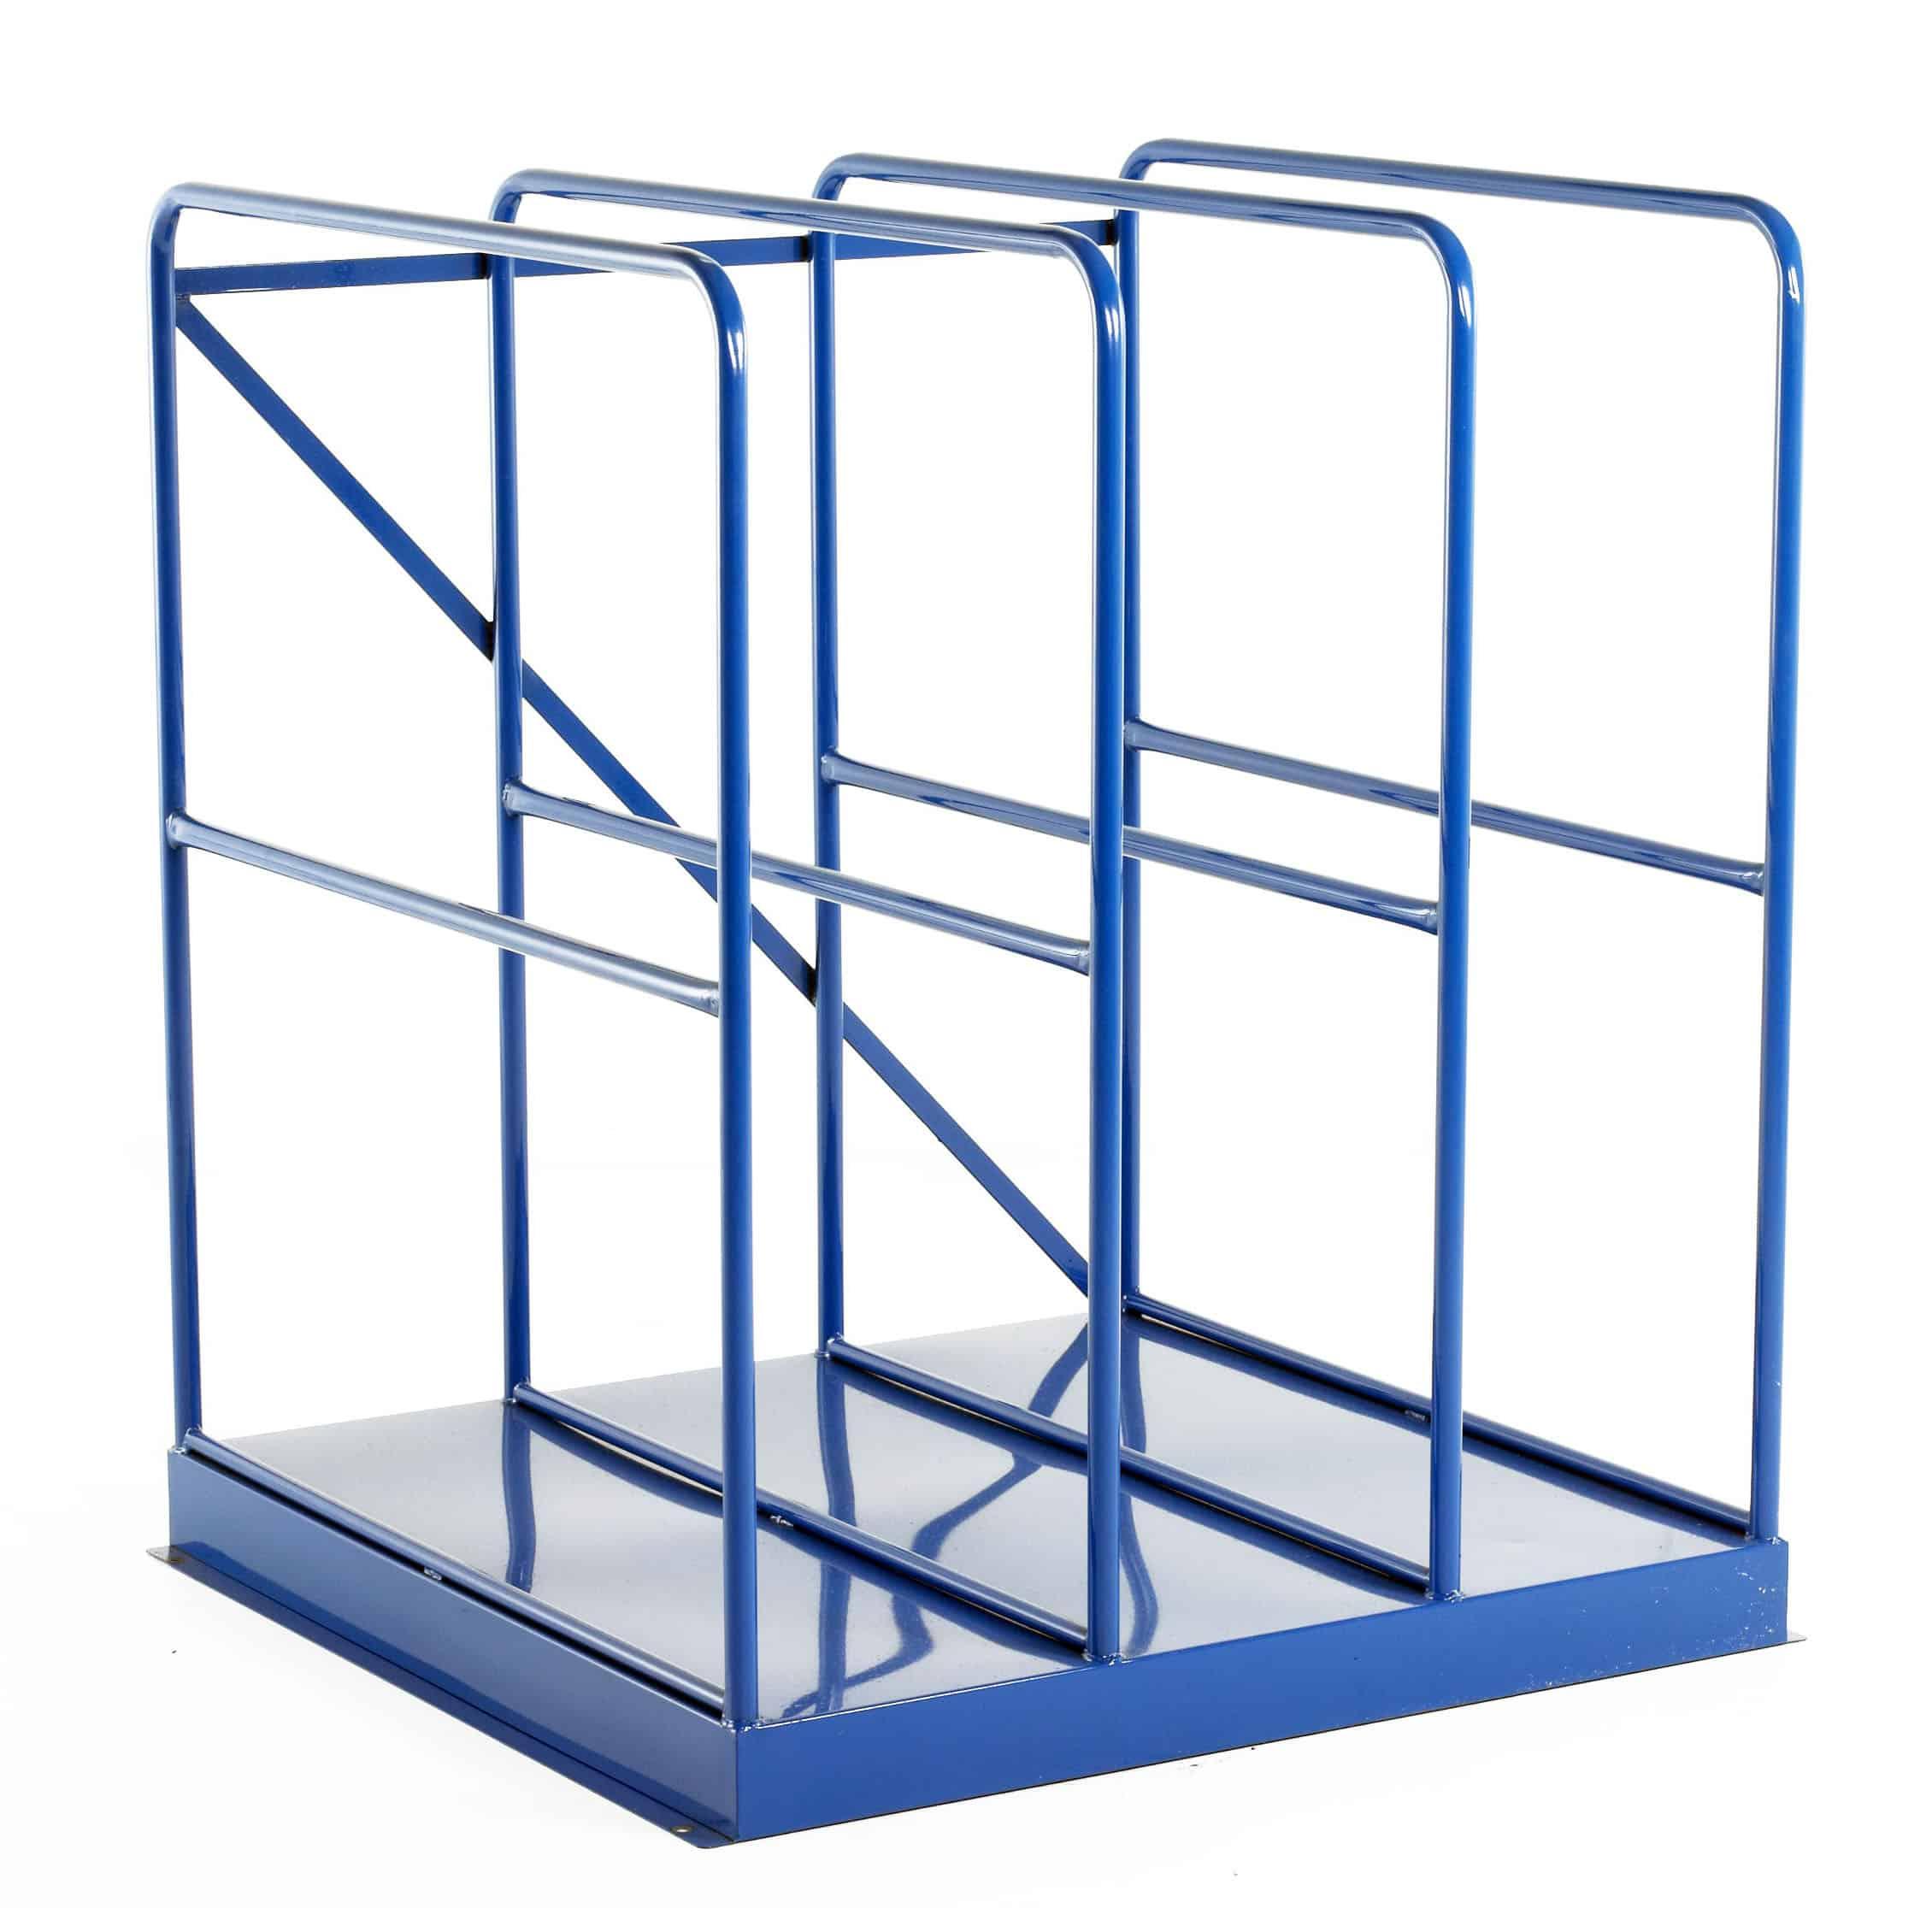 Multipurpose Full-Height Steel Sheet Rack